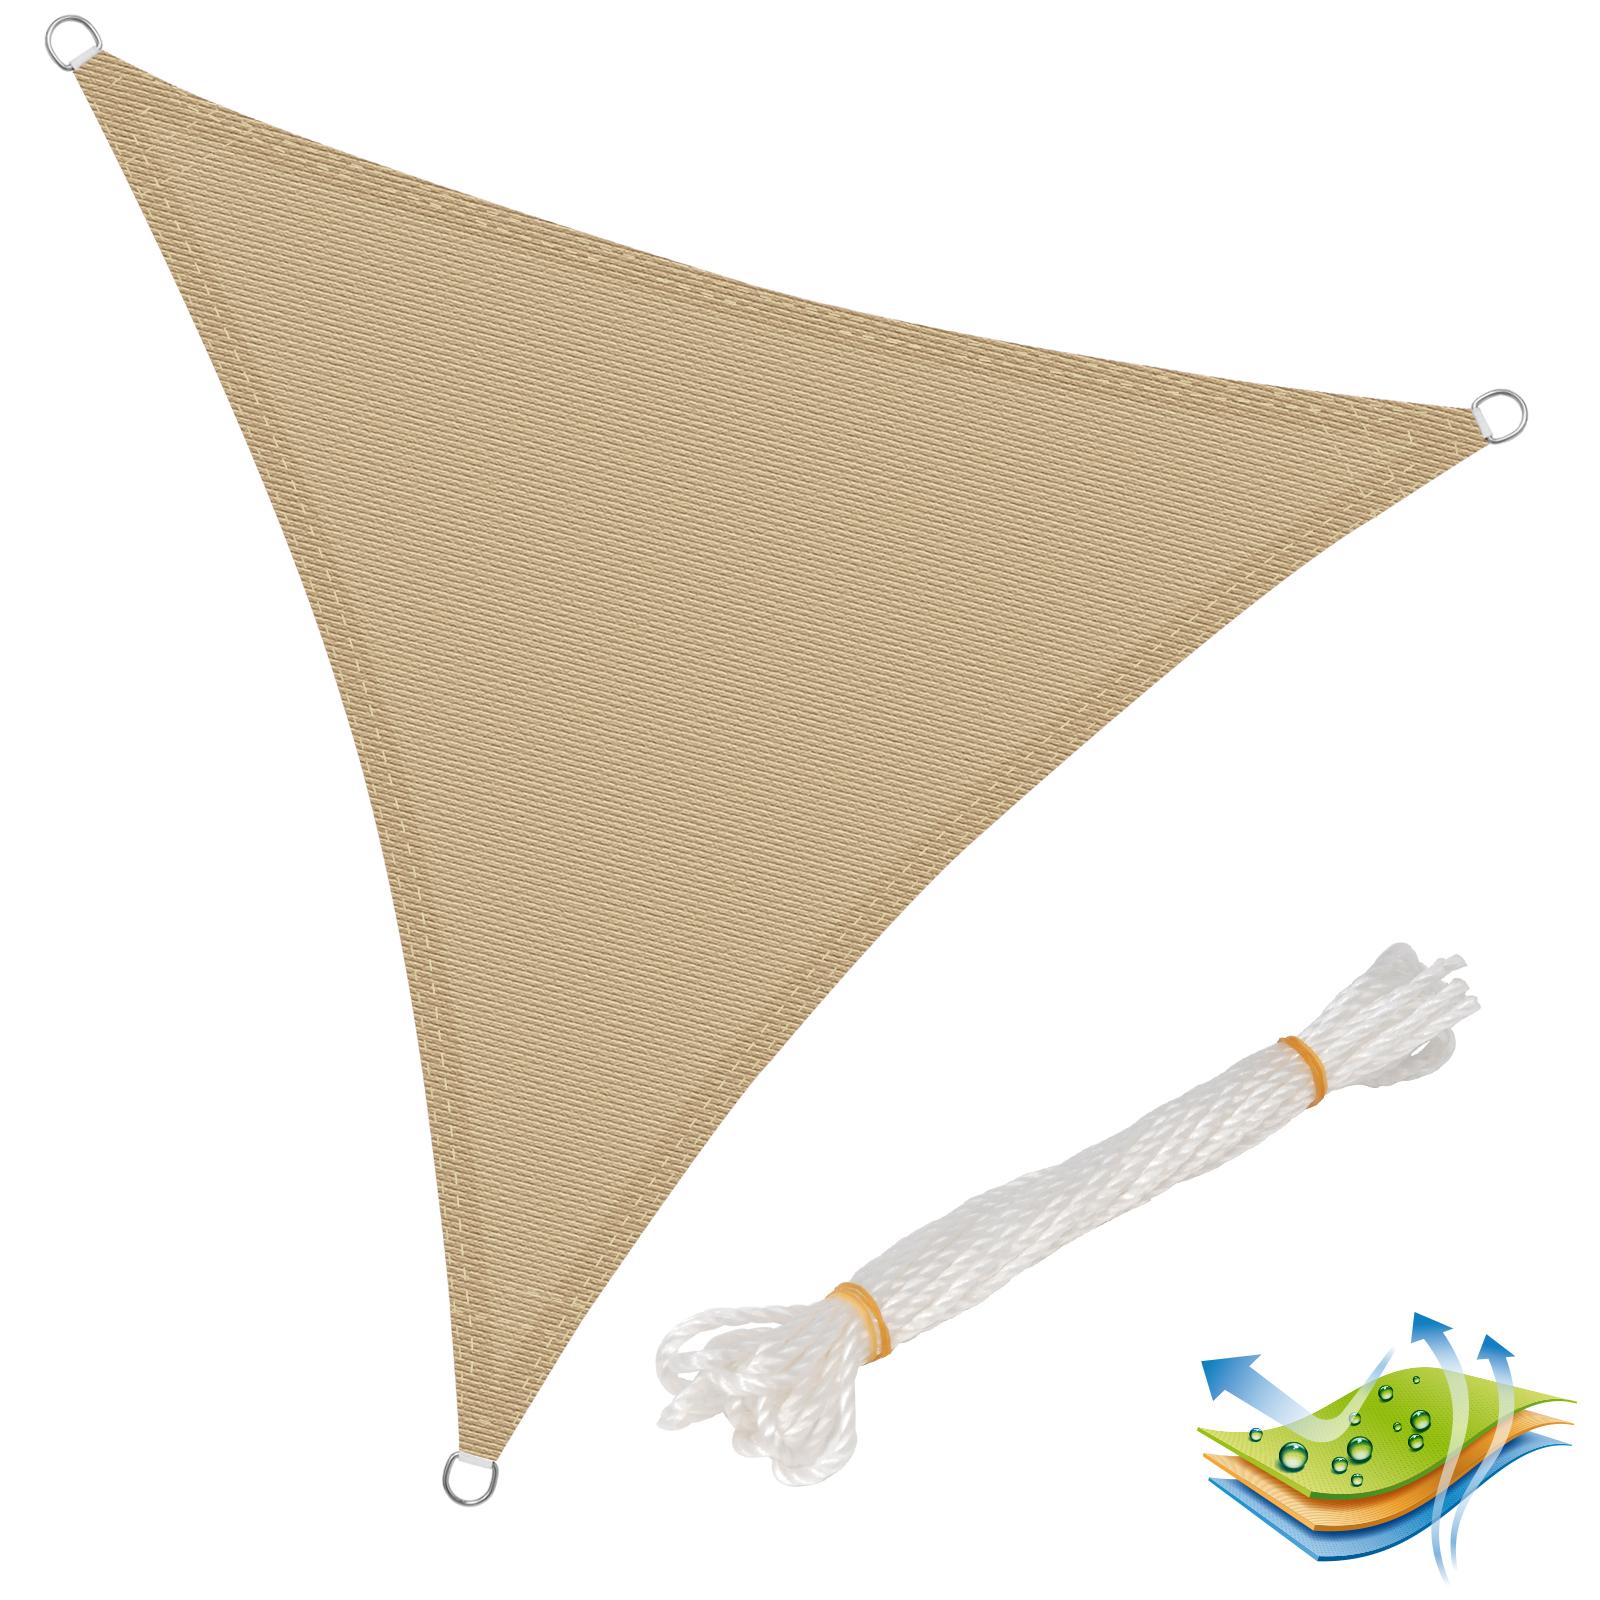 sonnensegel uv schutz rechteck quadrat dreieck atmungsaktiv hdpe sand 608 sd ebay. Black Bedroom Furniture Sets. Home Design Ideas